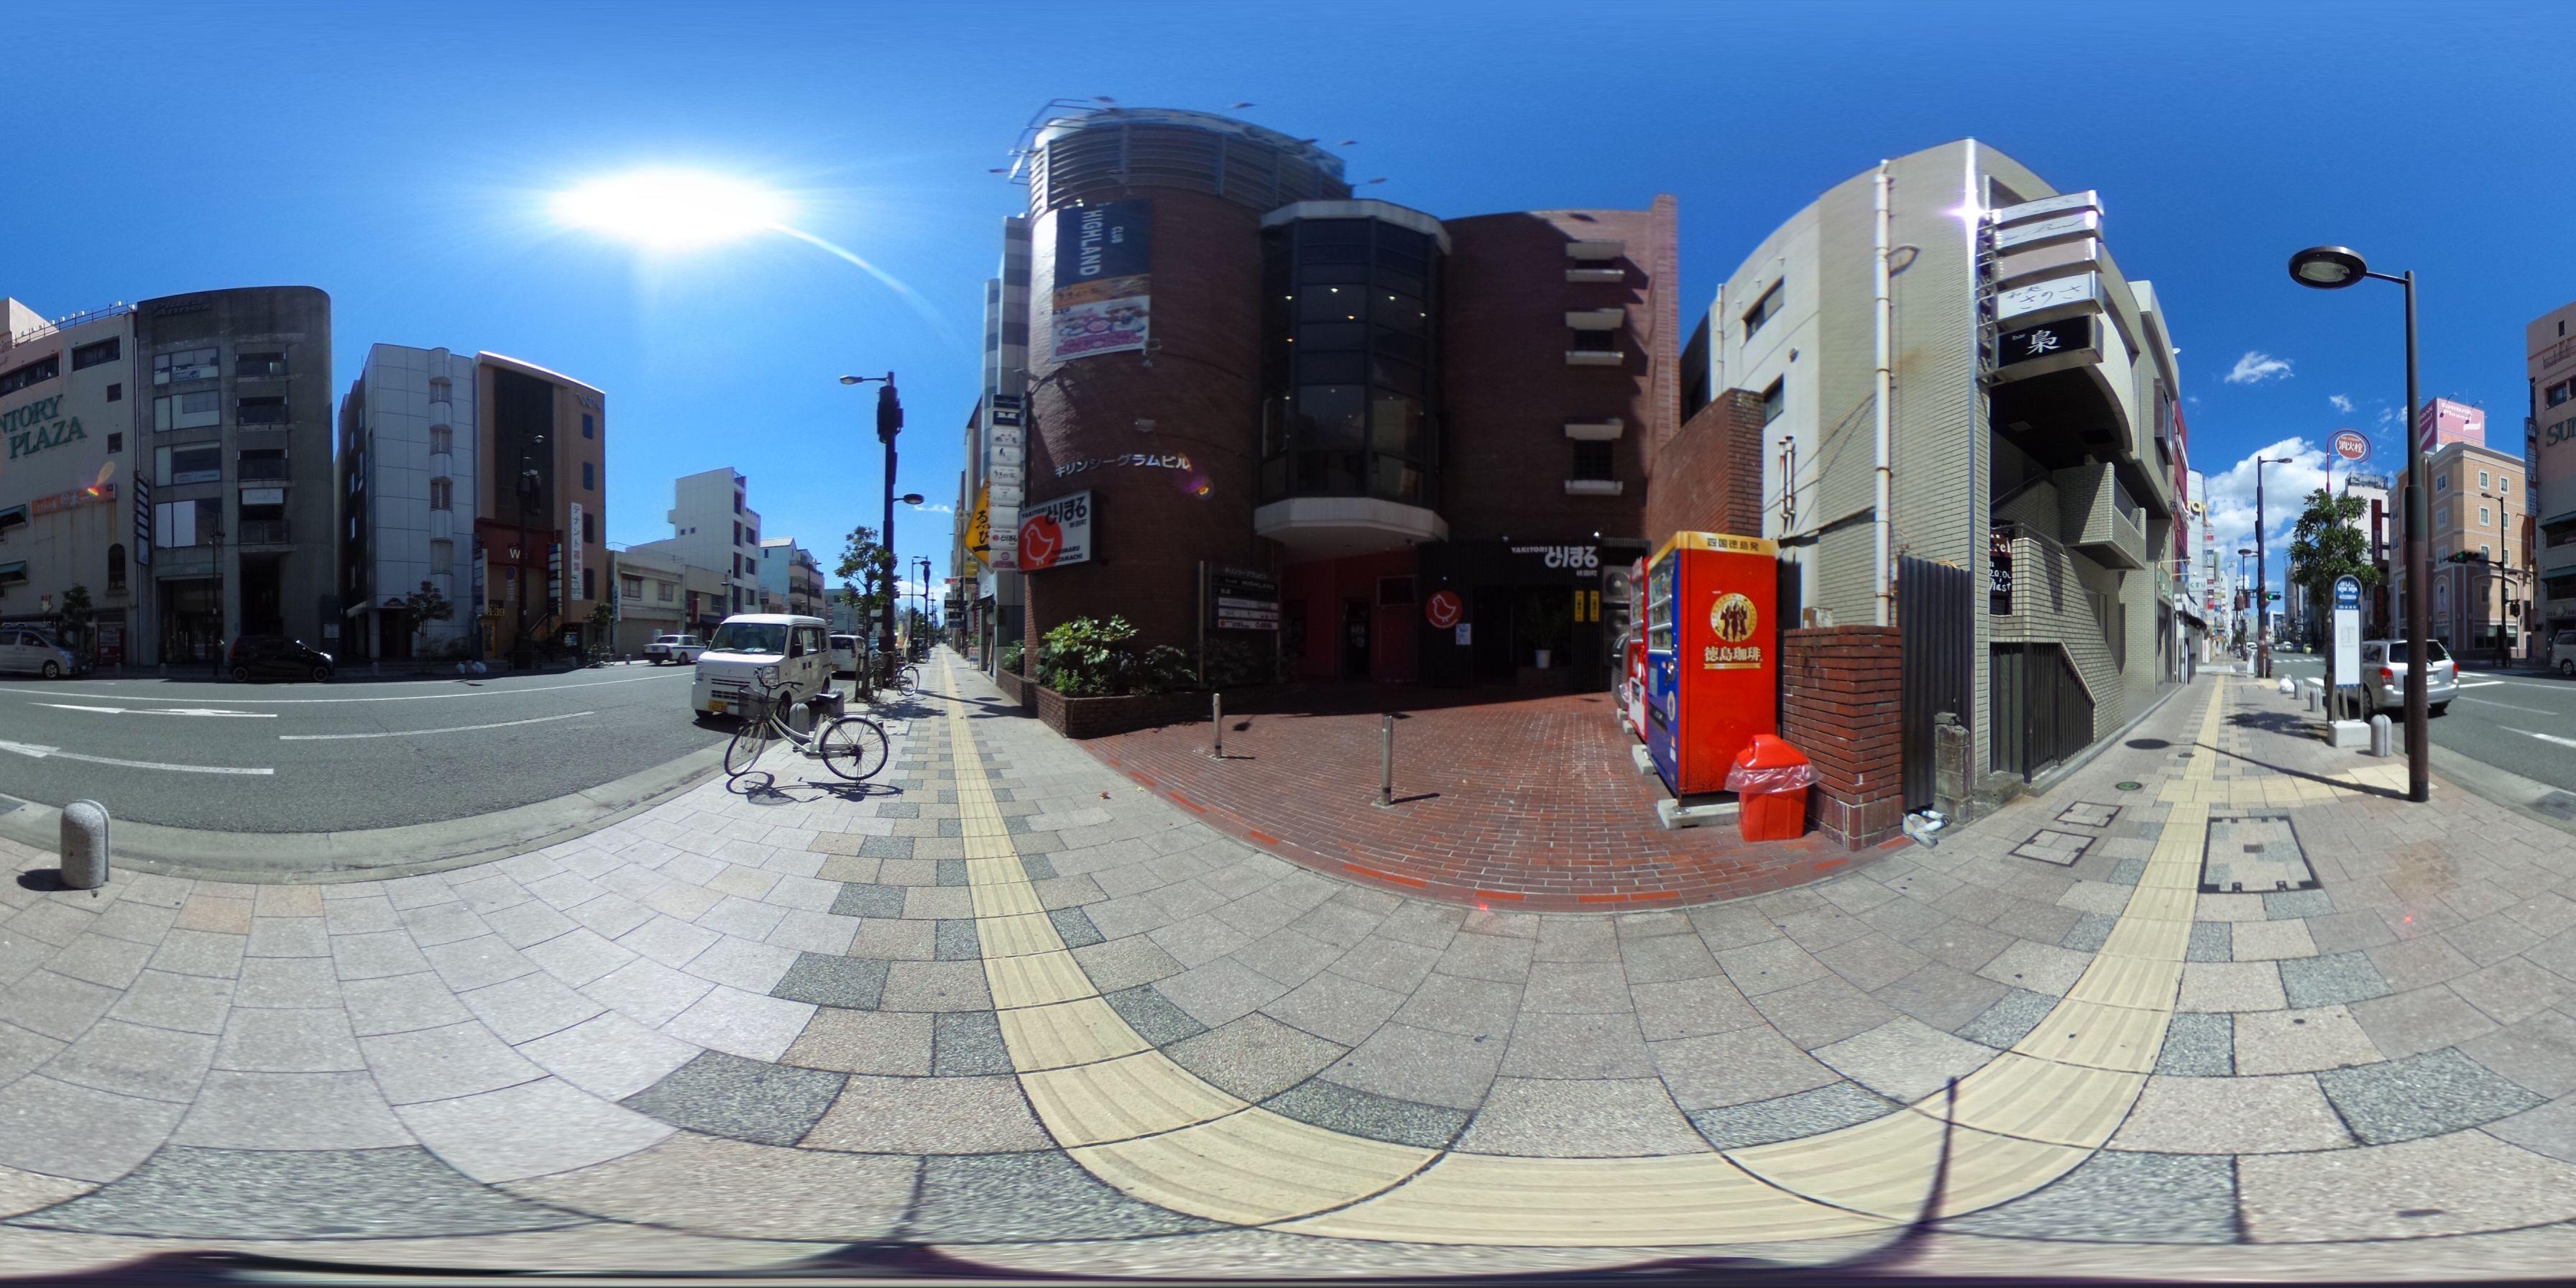 徳島市秋田町 賃貸店舗 -パノラマ画像